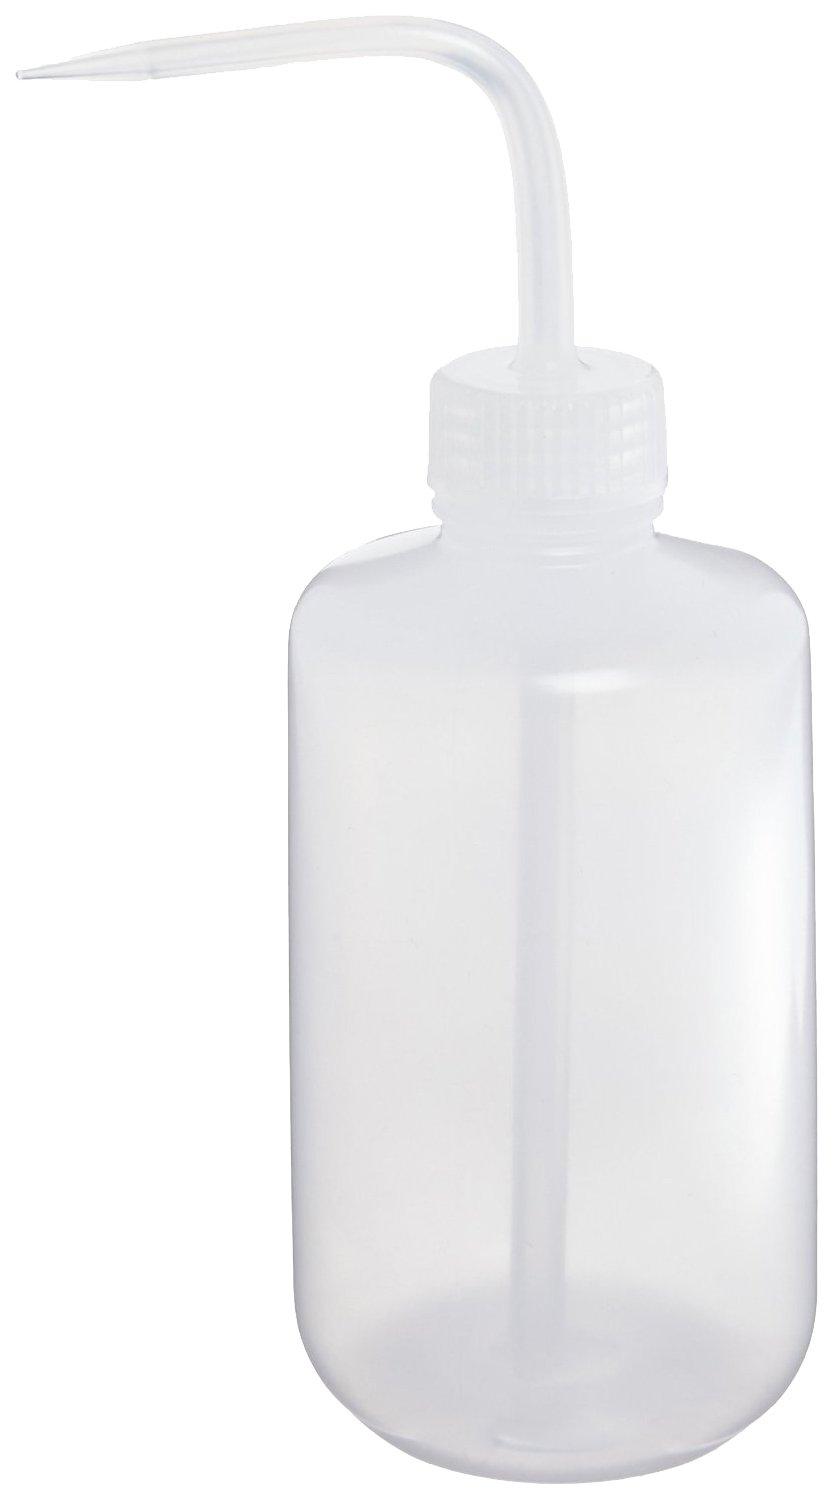 Nalgene Low-Density Polyethylene Economy Wash Bottles with Polypropylene Screw Closure/Stem and Draw Tube, 1000ml Capacity (Case of 12)